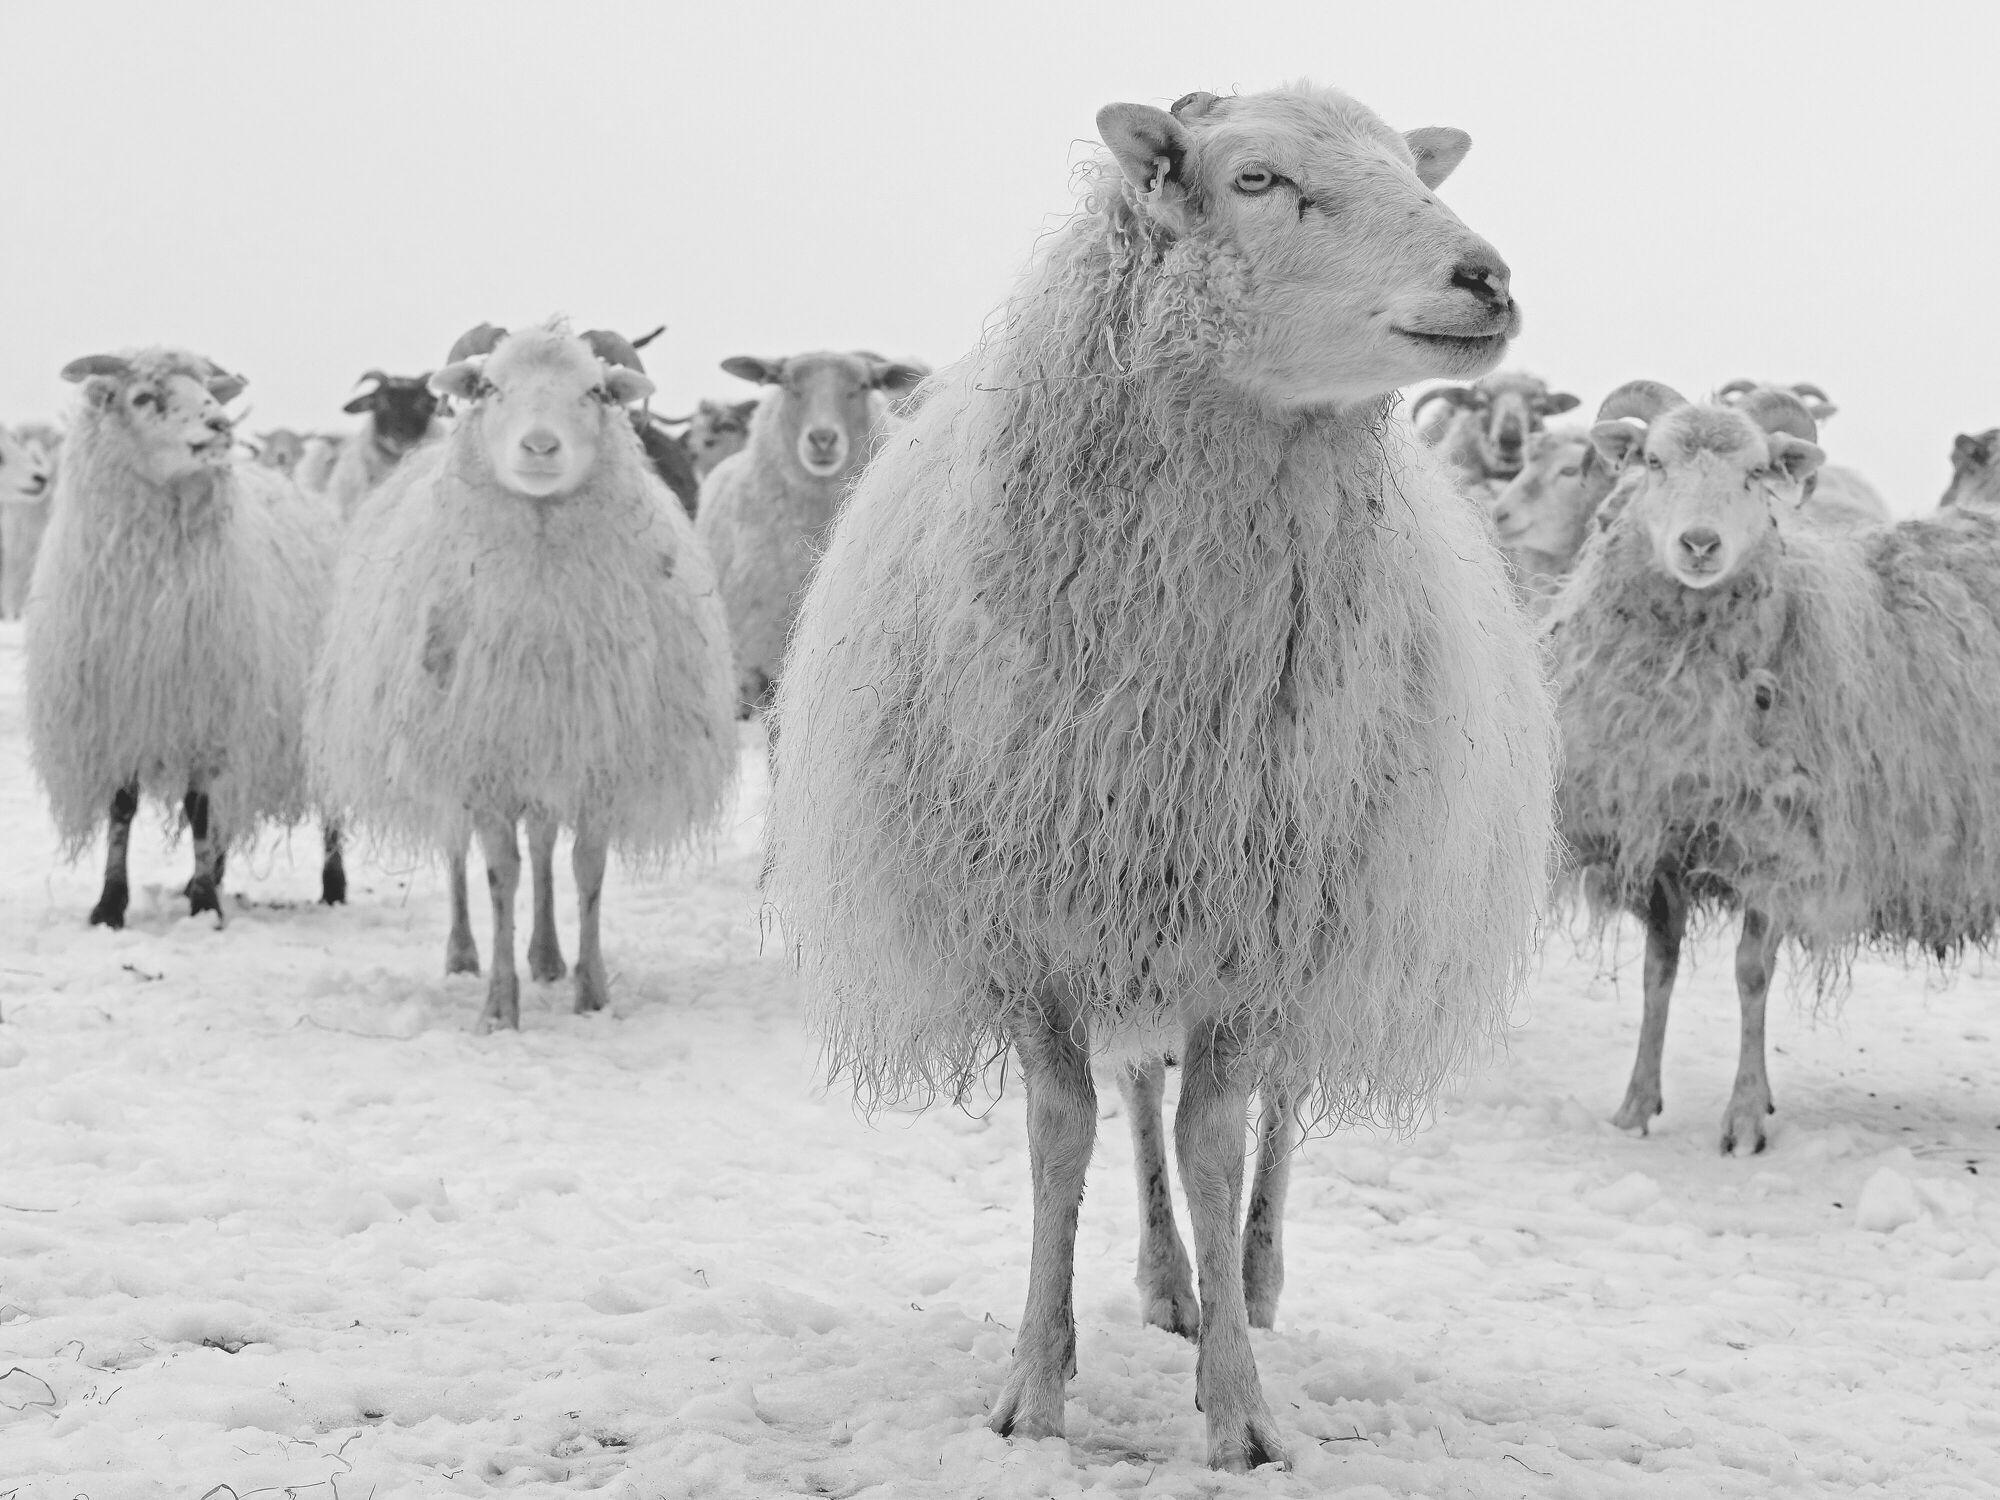 Bild mit Säugetiere, Winter, Schnee, Schafe, Kälte, familie, wolle, Schwarzweiß, Leithammel, Boss